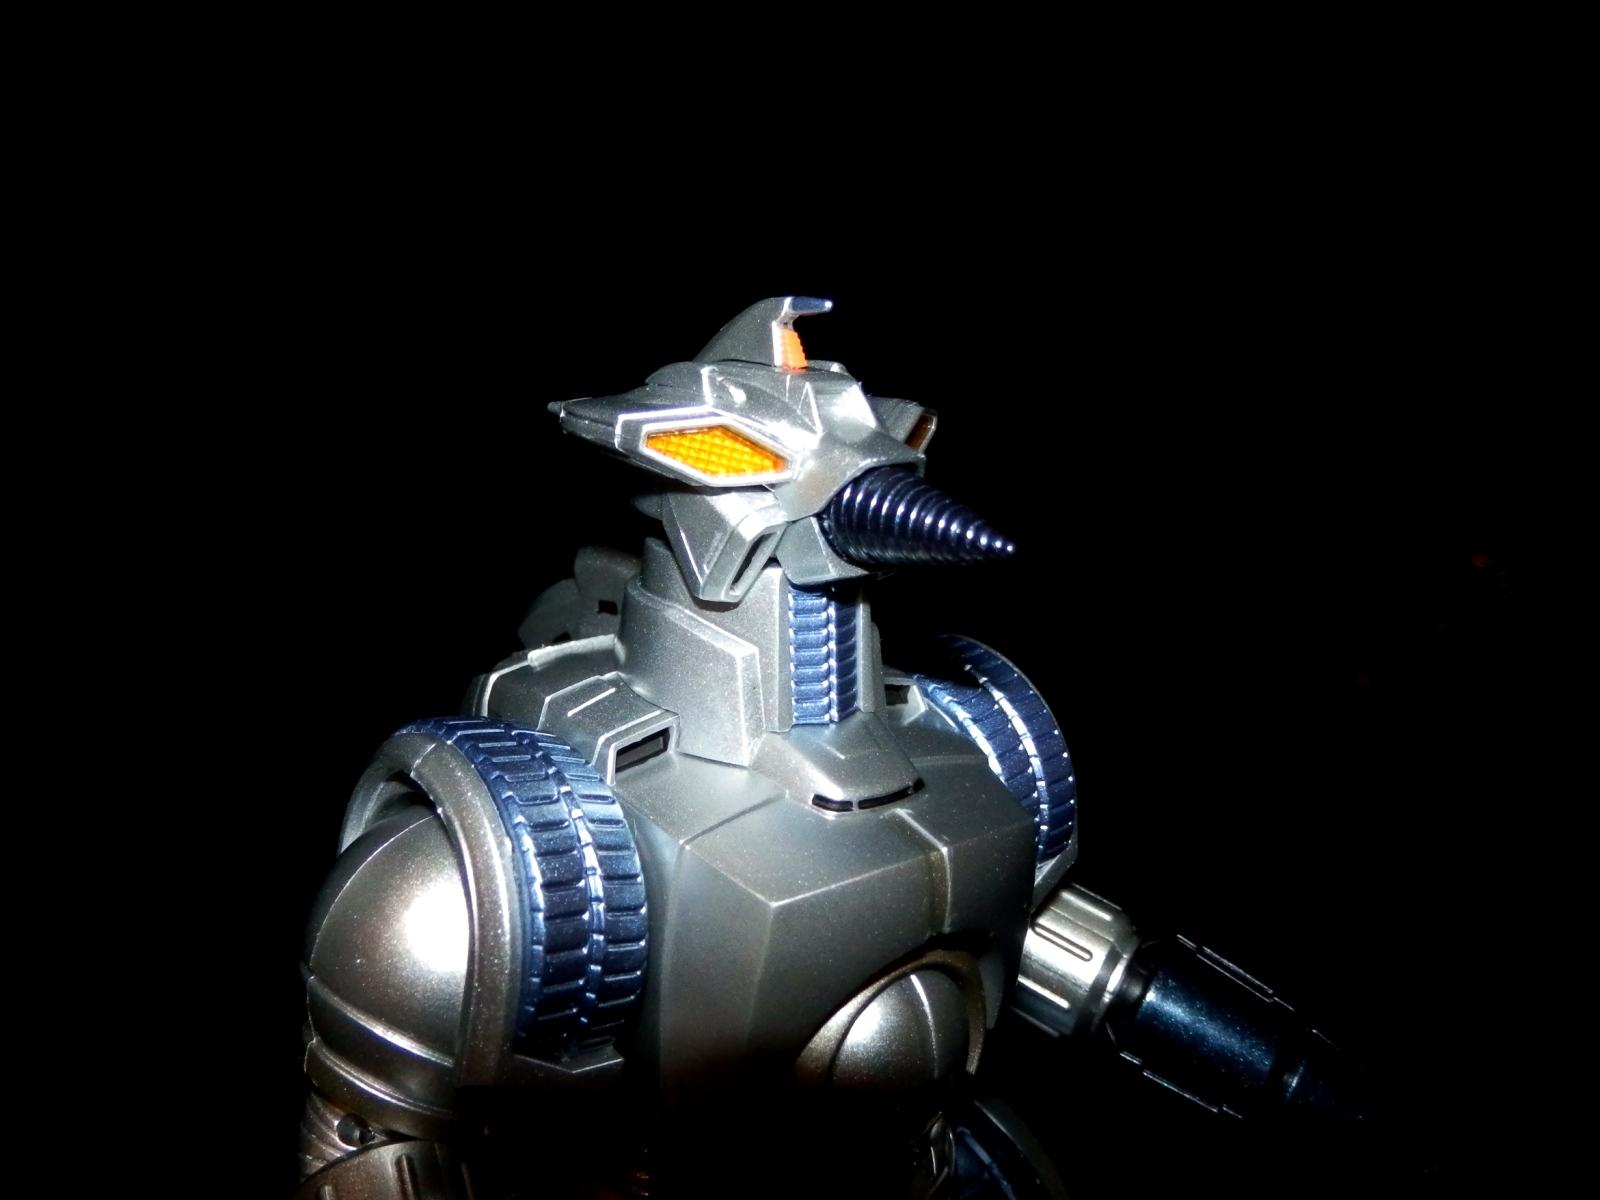 最初にスペゴジ撃退に出動したものの、速攻で破壊されたが、福岡での決戦ではスペゴジの肩の水晶体を破壊するほどの超活躍を見せ(ry